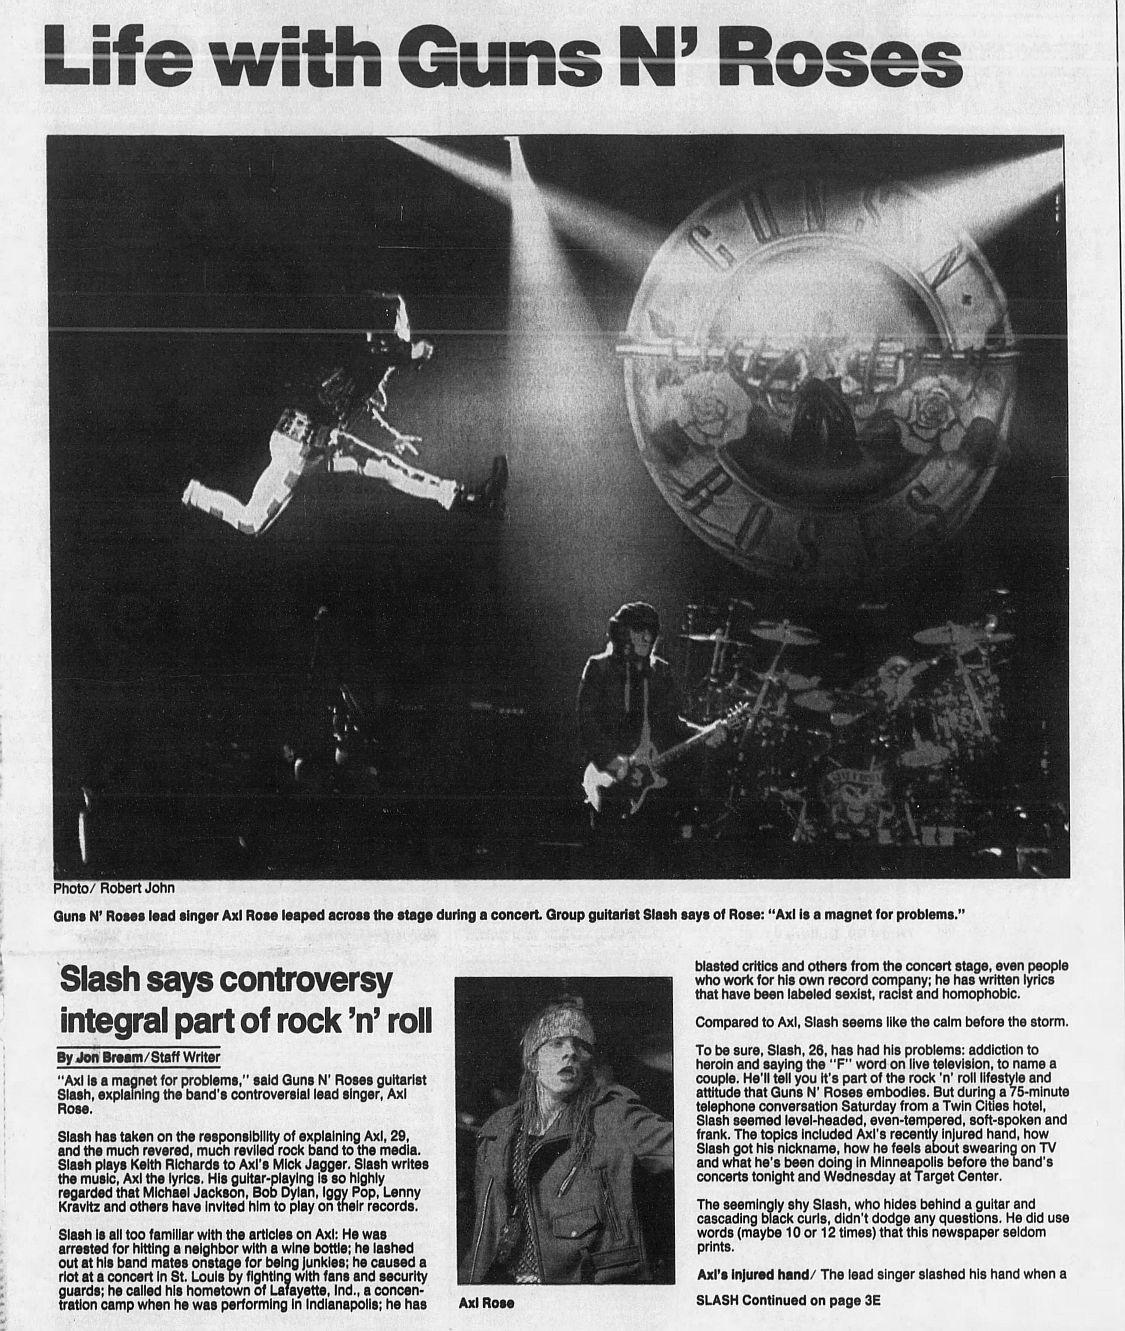 1992.01.21 - Star Tribune - Life with Guns N' Roses (Slash) 87dR8KSu_o